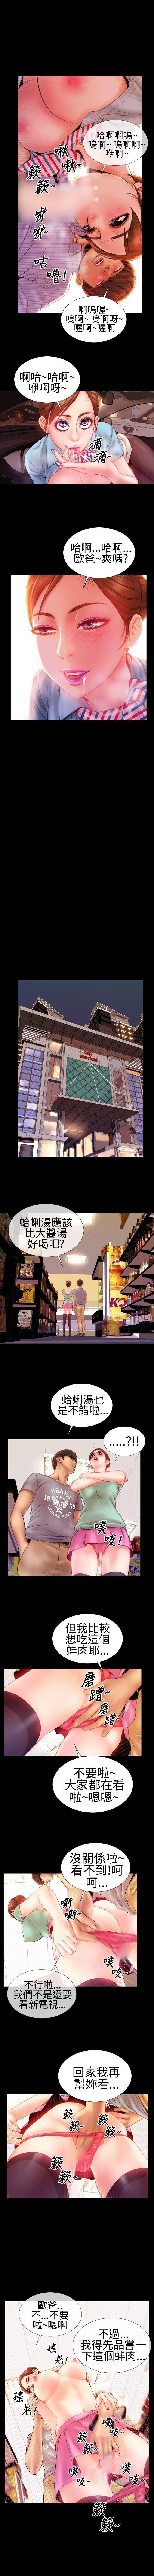 [洋蔥&模造]MY WIVES 淫荡的妻子们 Ch.4~10 [Chinese]中文 8